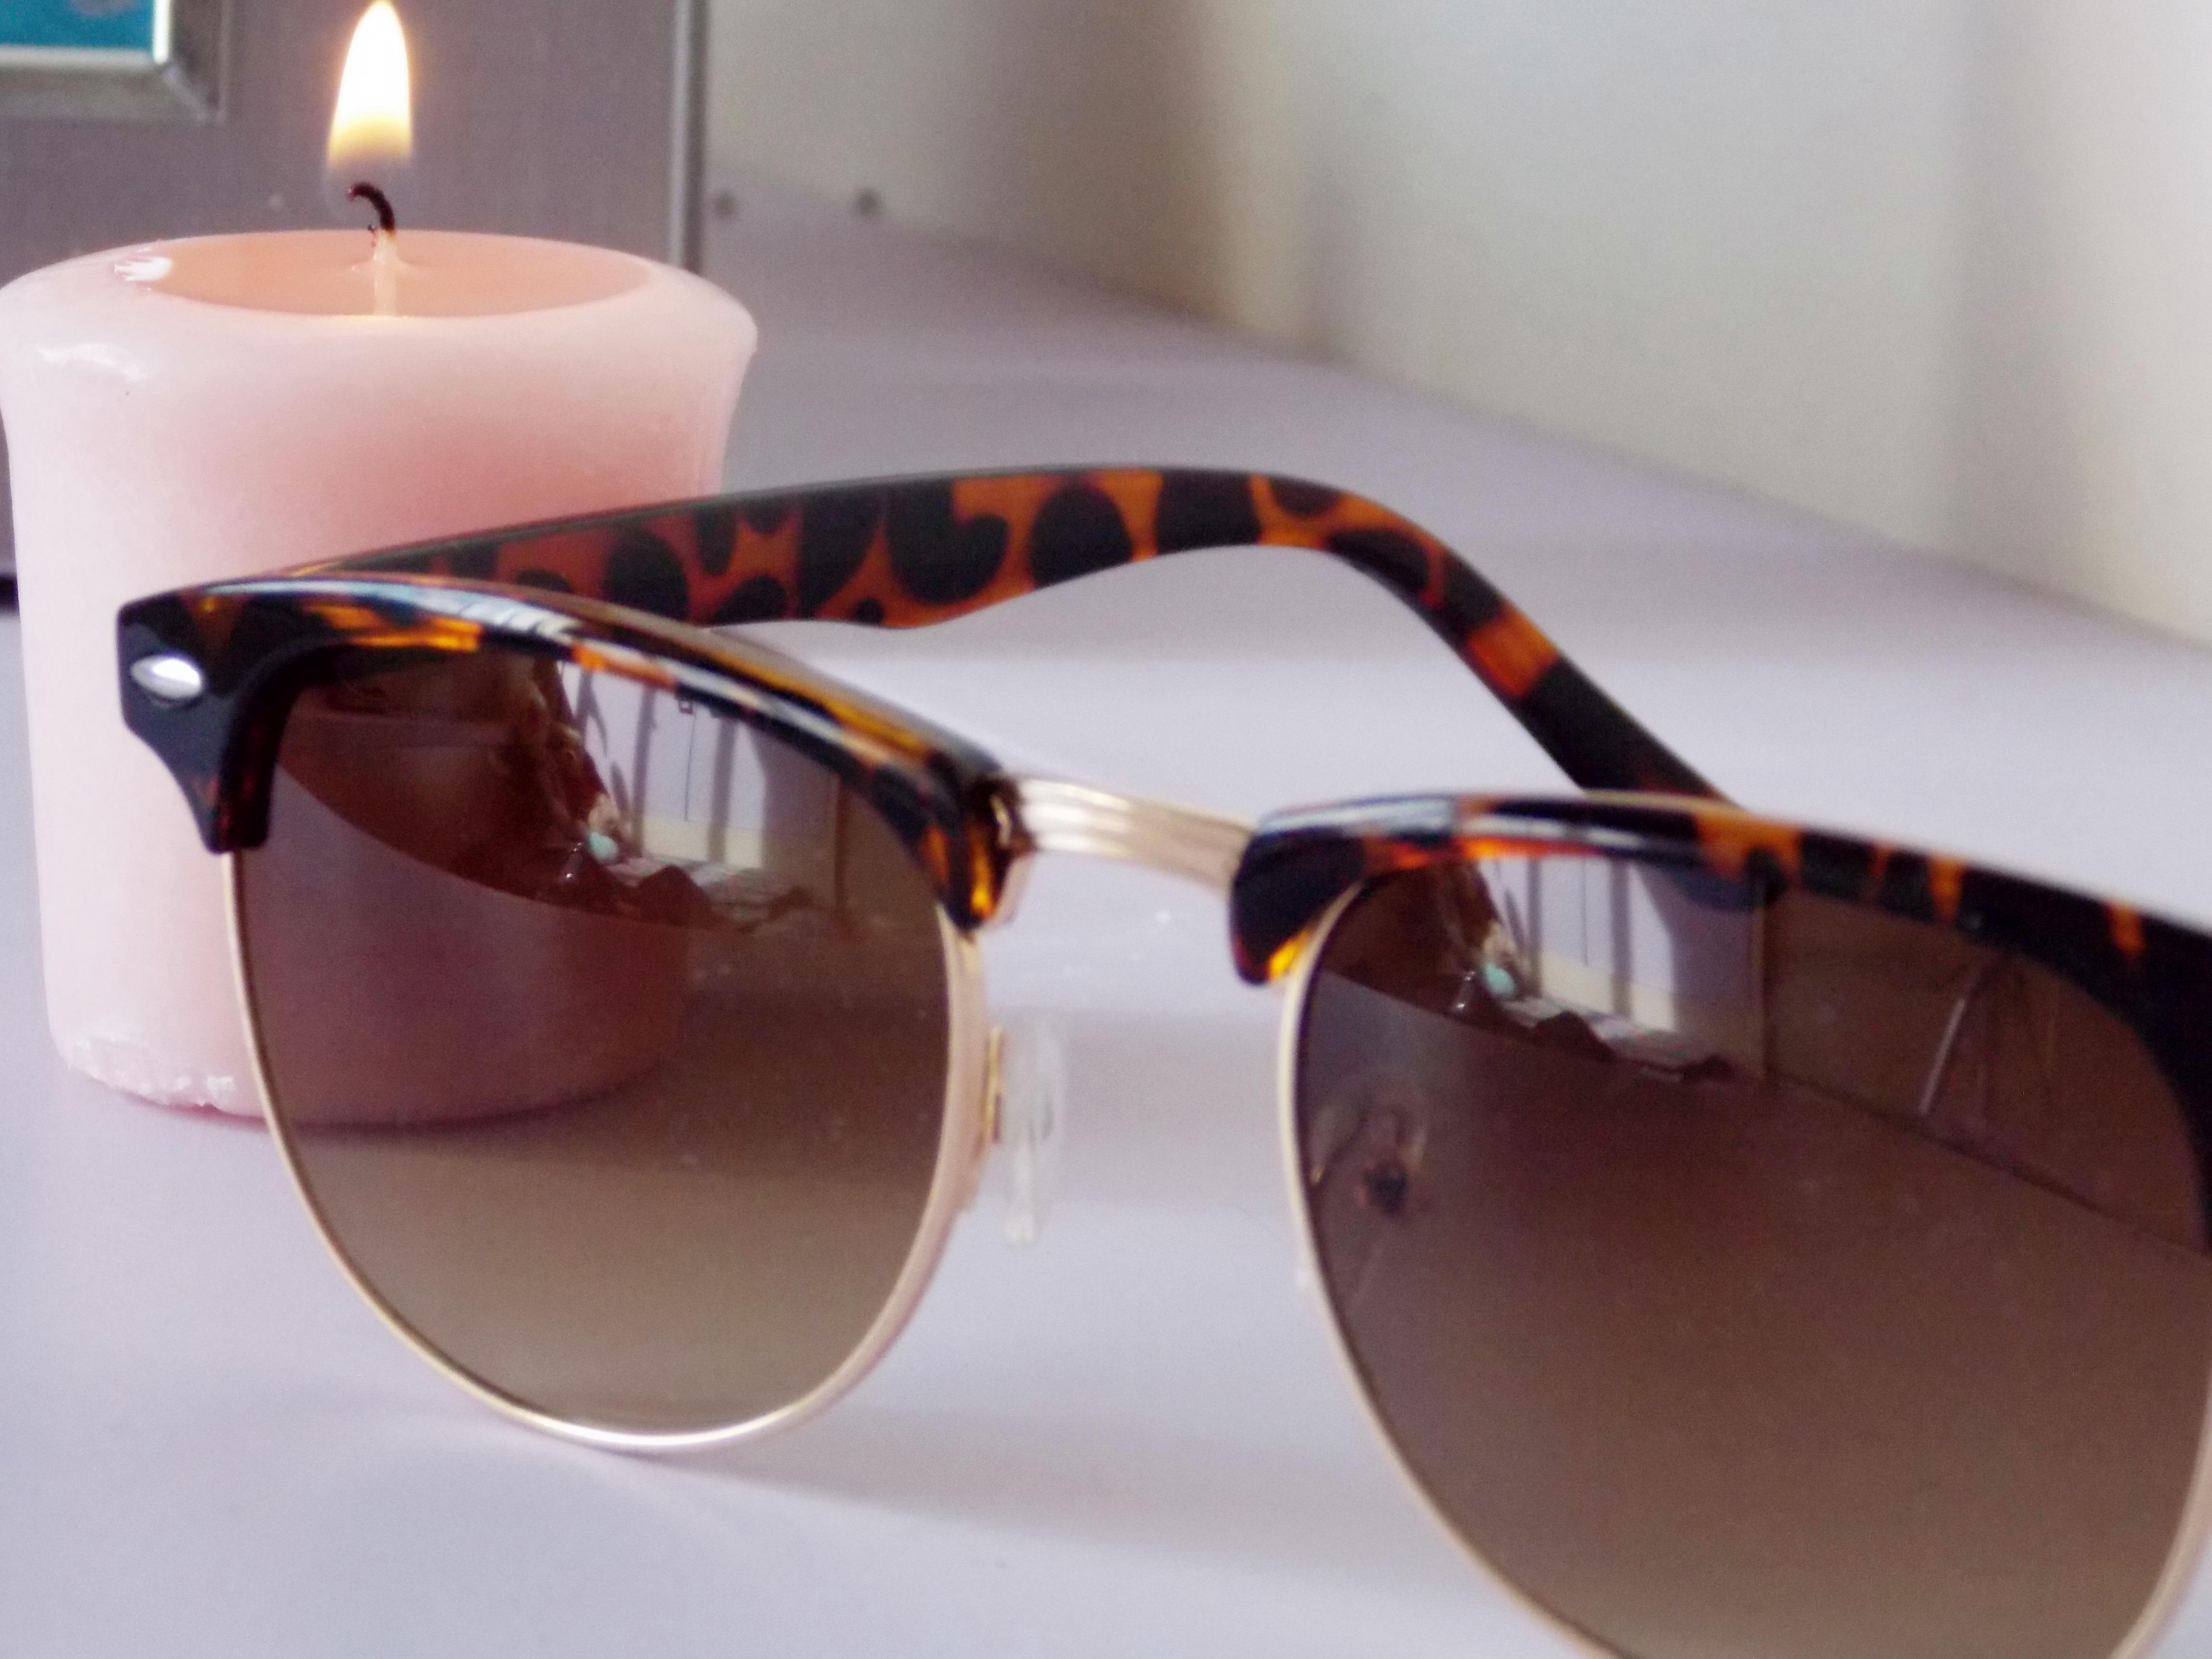 cdfc1be8db8 Comprei esse óculos na loja online Oba Fashion (clique aqui) e estou  amando. Ele anda super famoso e o modelo mais conhecido é o Rayban.